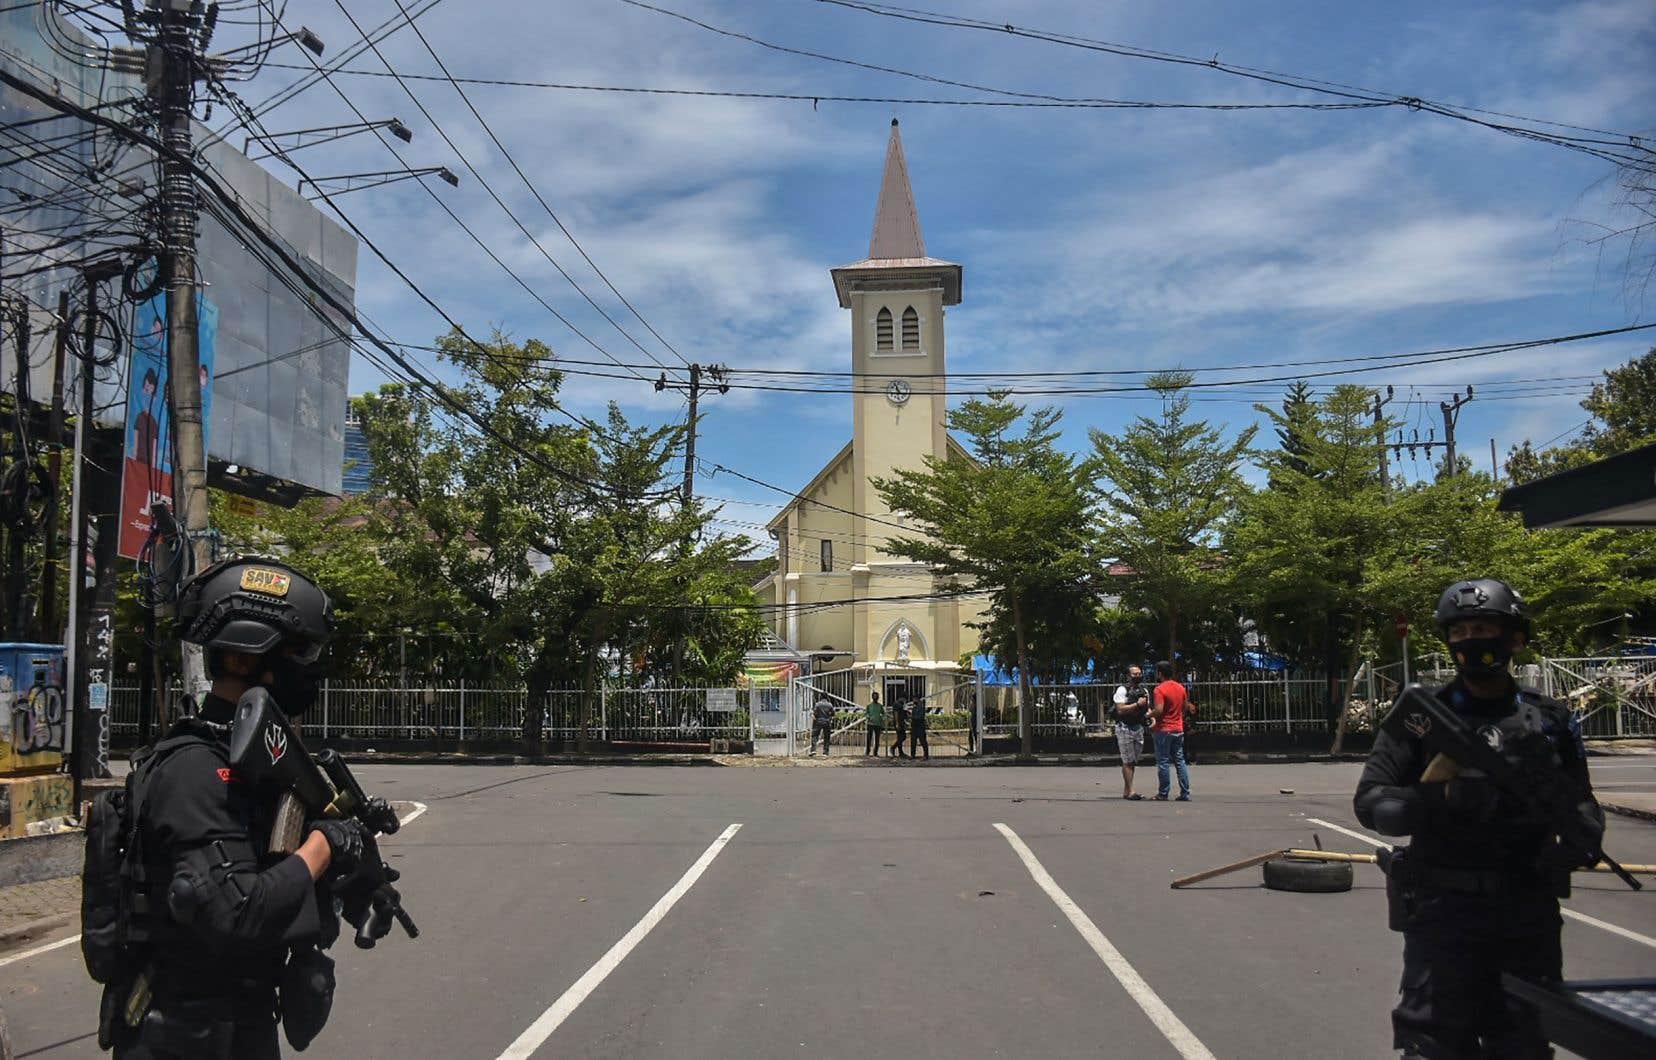 La police a établi un cordon de sécurité autour de la cathédrale de Makassar où s'est produit l'attentat.